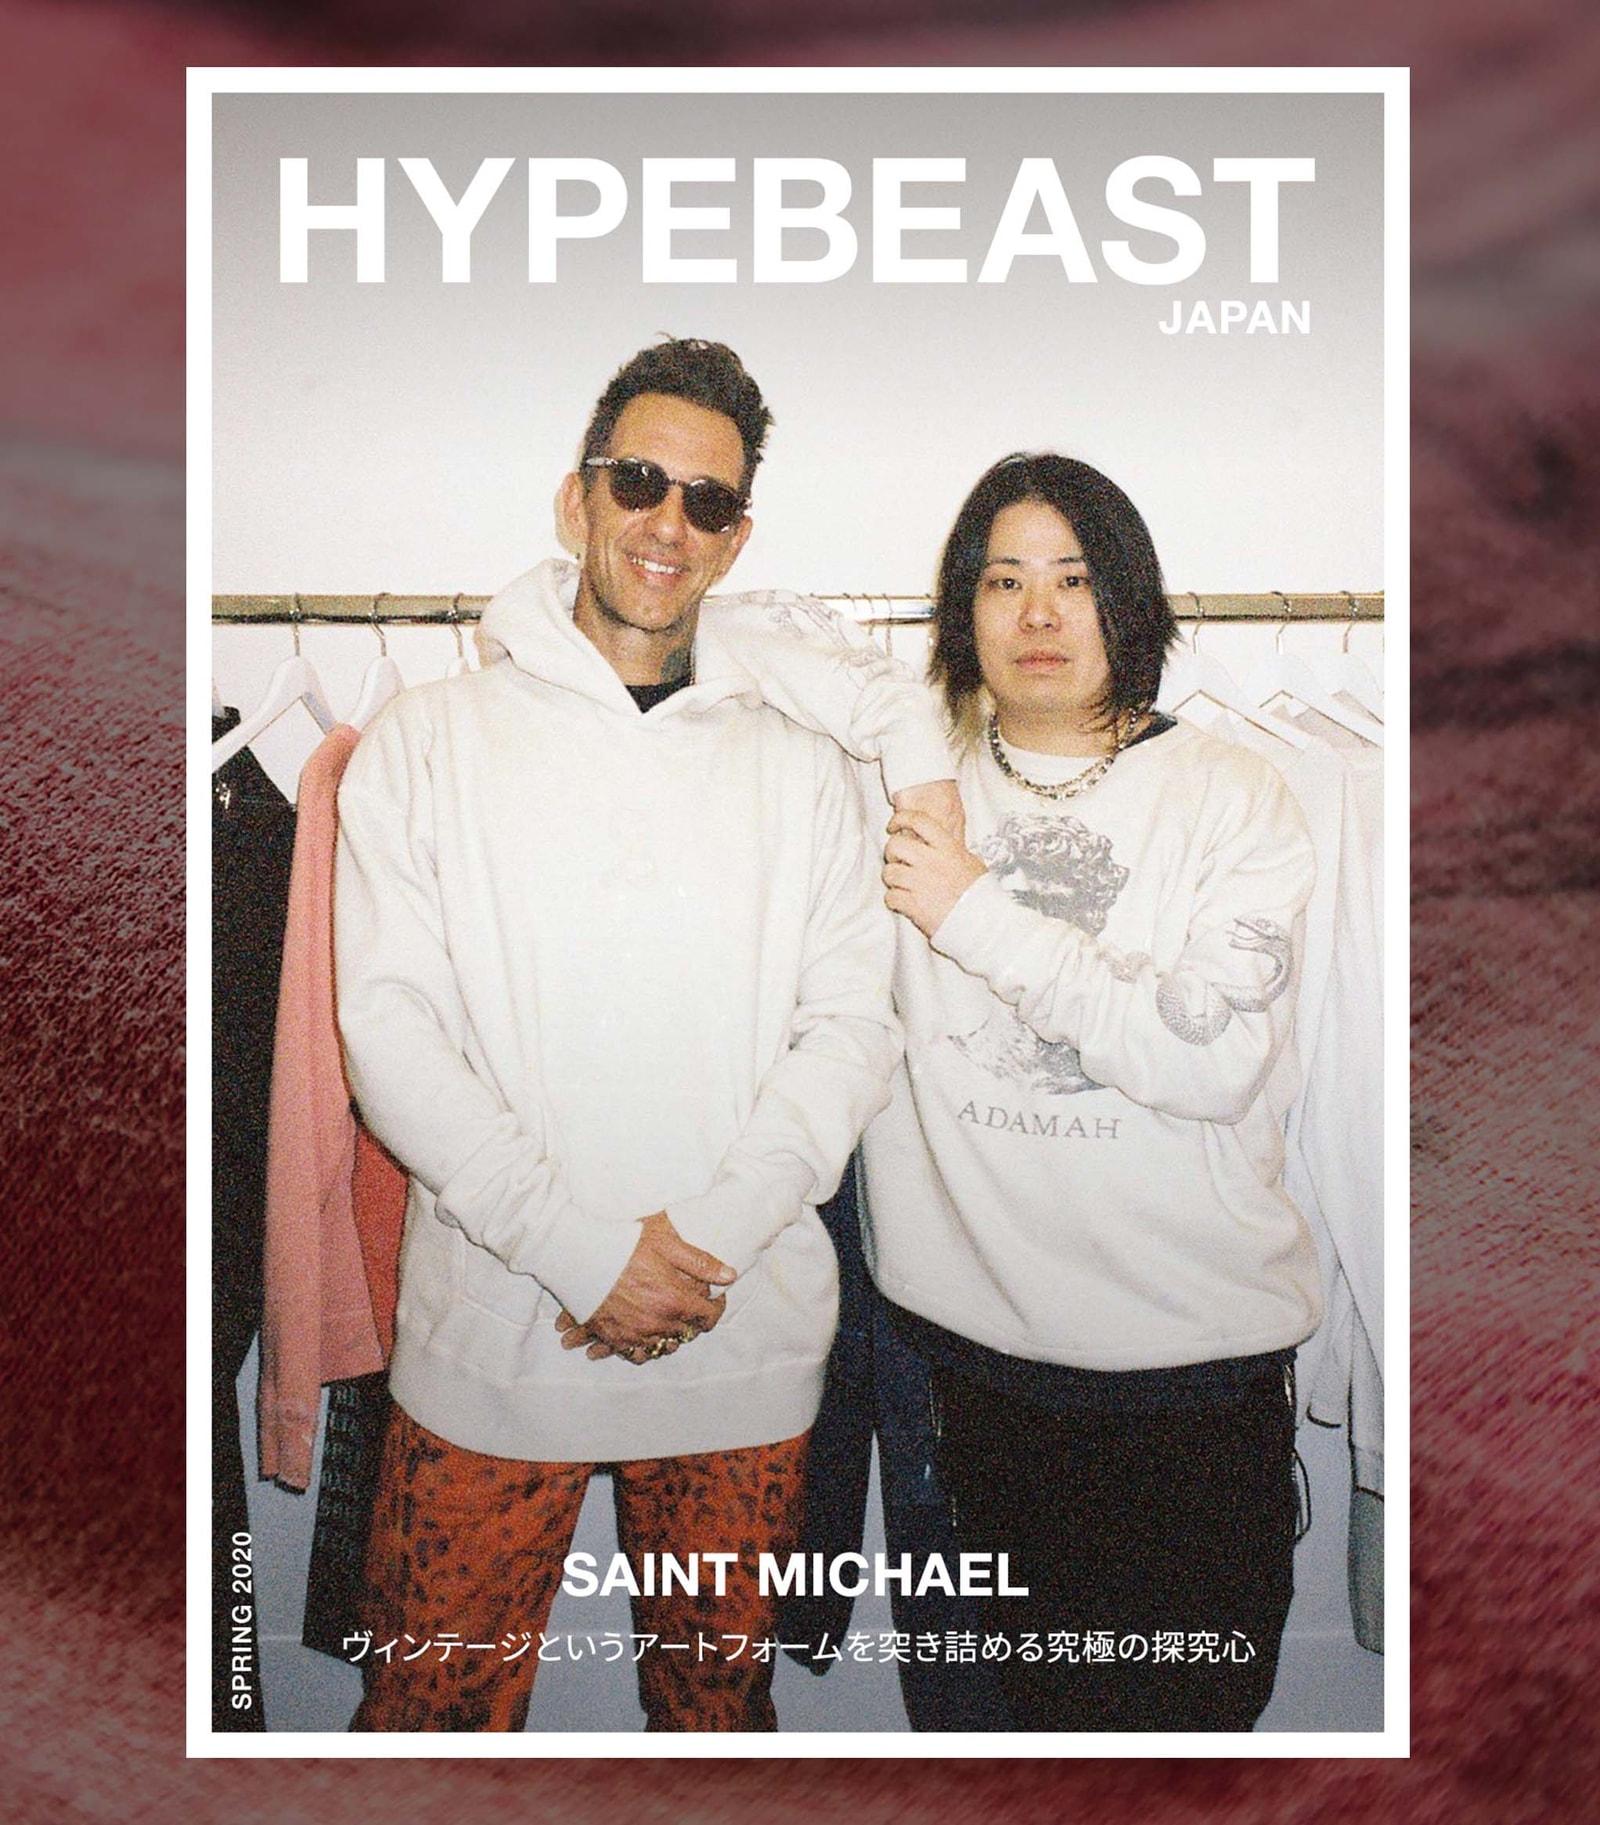 セントマイケル SAINT MICHAEL レディメイド READYMADE の細川雄太とカリ・ソーンヒル・デウィット Cali Thornhill DeWitt による新ブランド